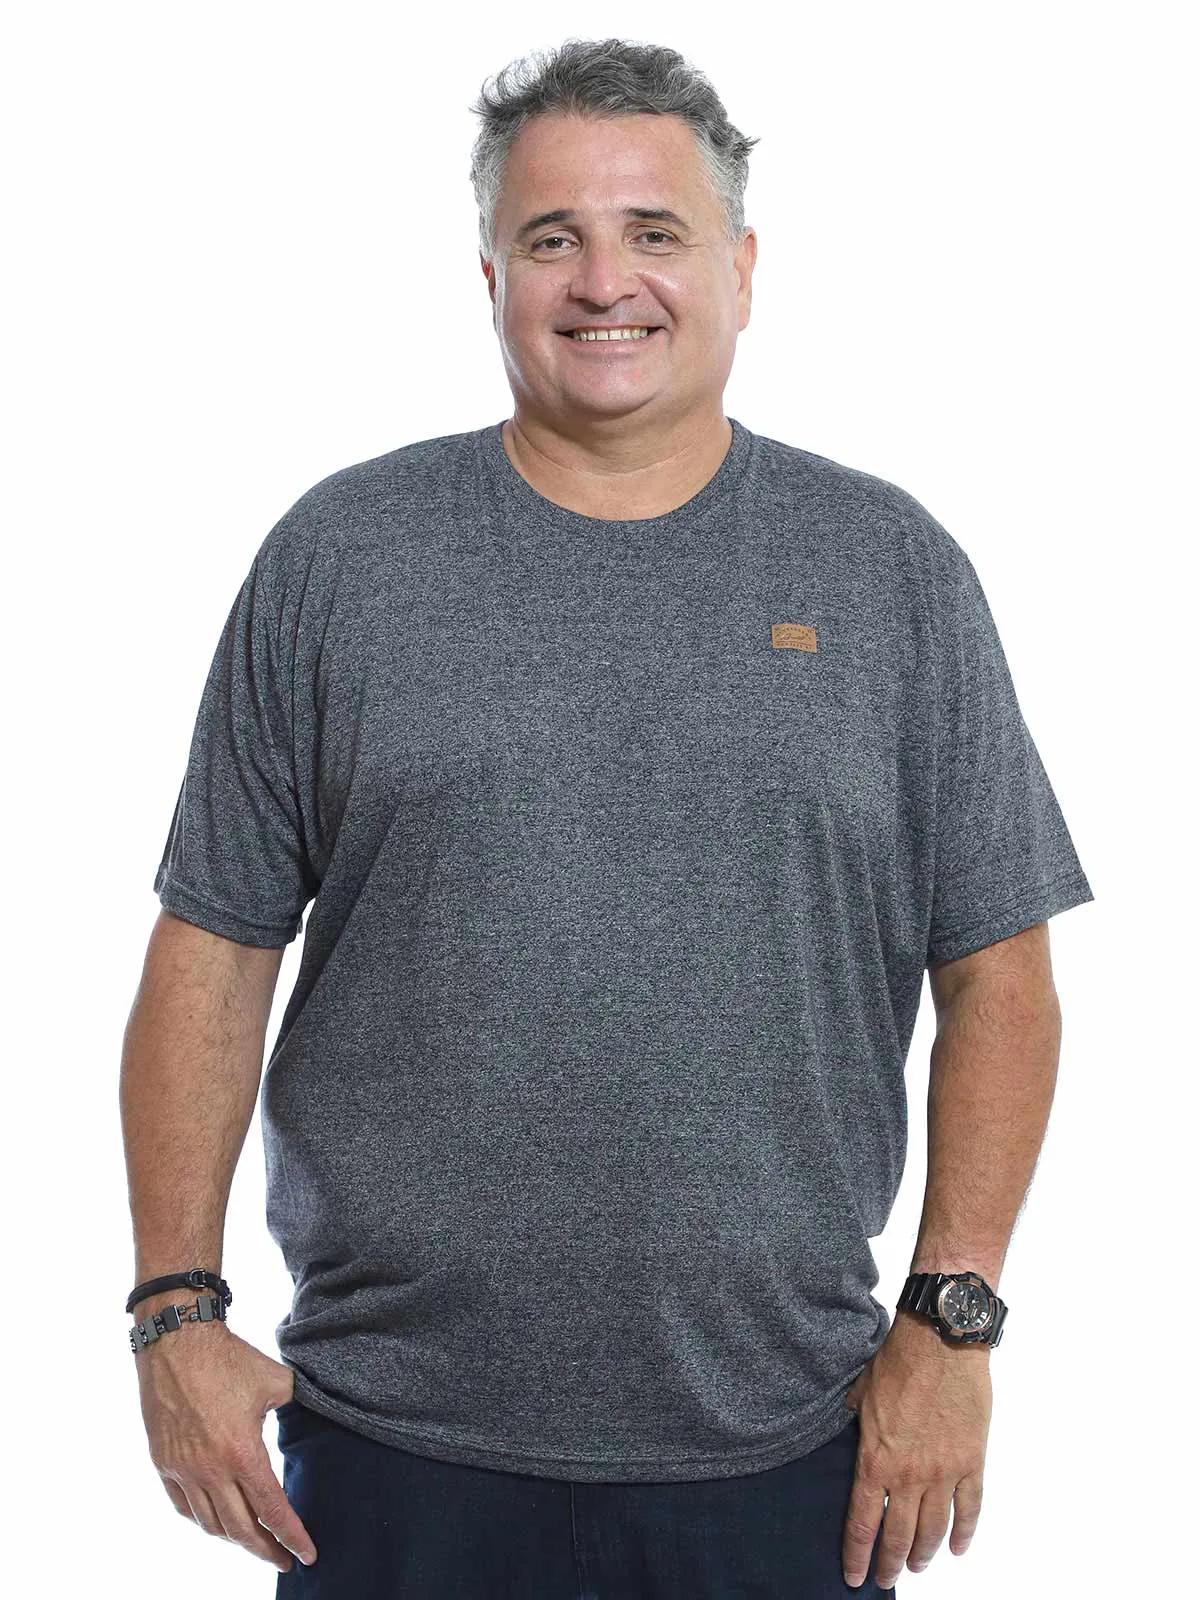 Camiseta Plus Size Masculina Manga Curta Mouline Mescla Preto